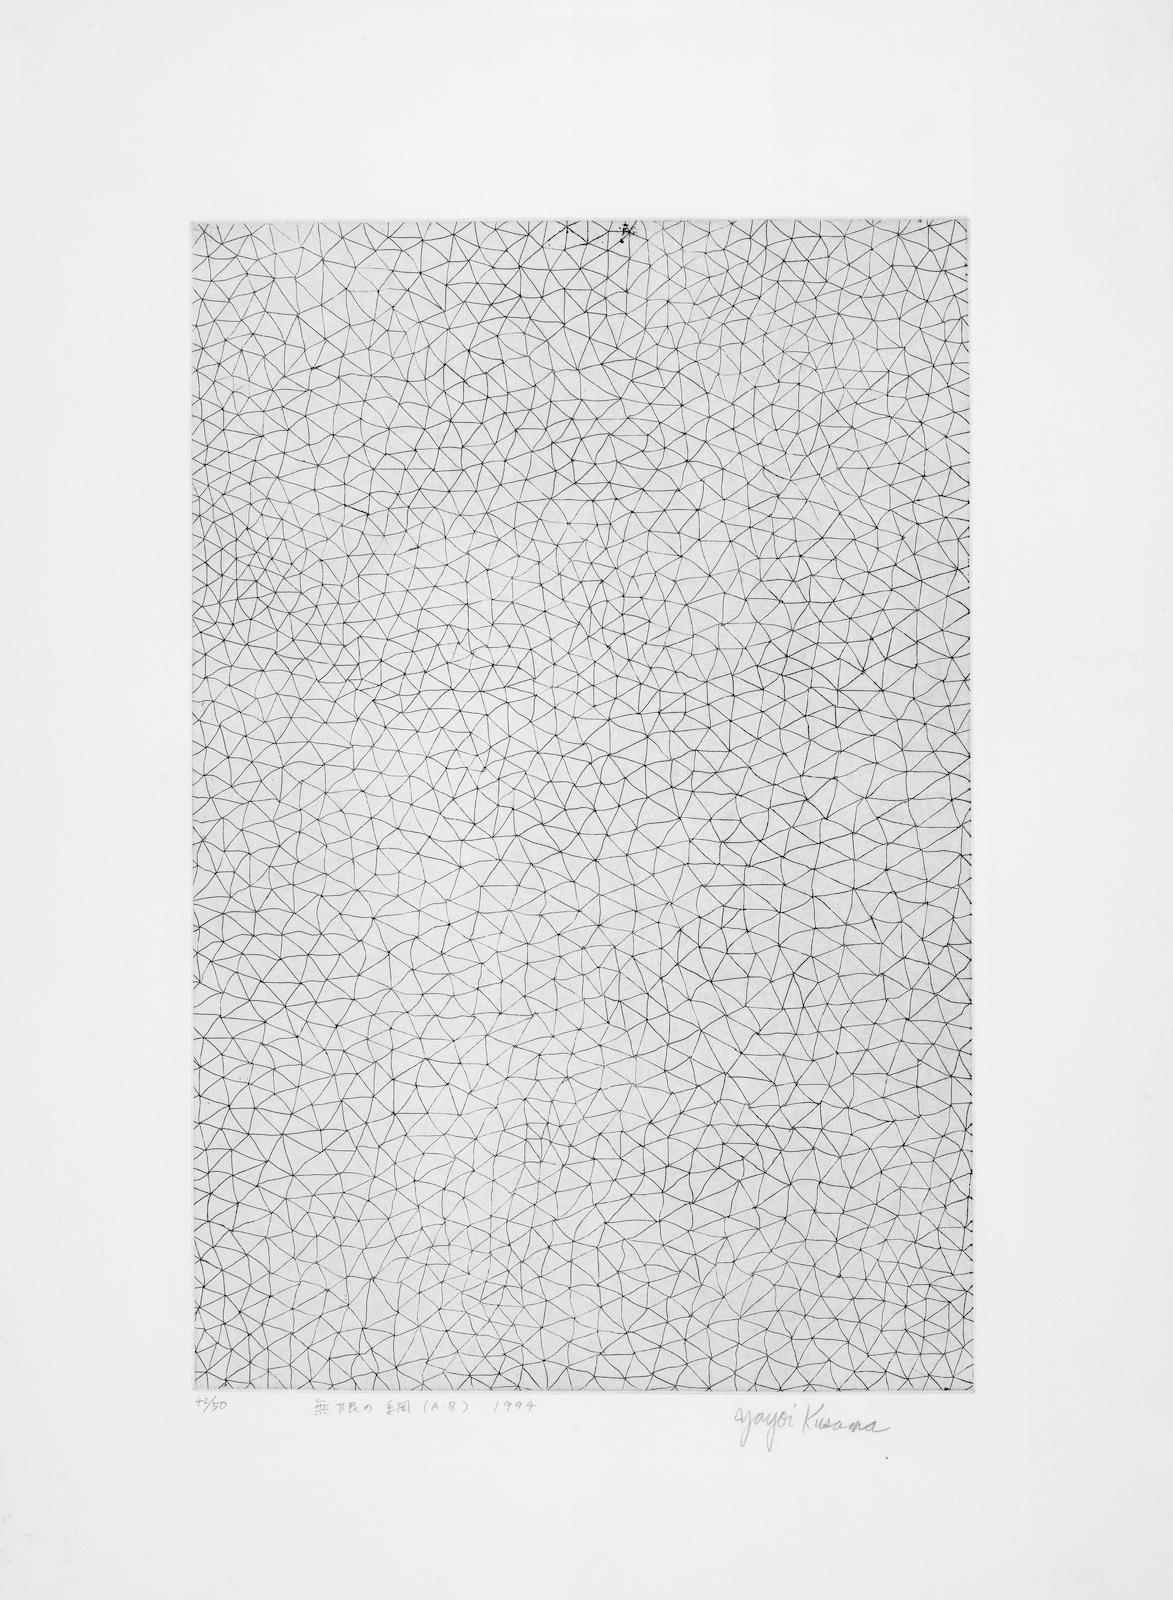 Yayoi Kusama-Infinity Nets (A-B)-1994